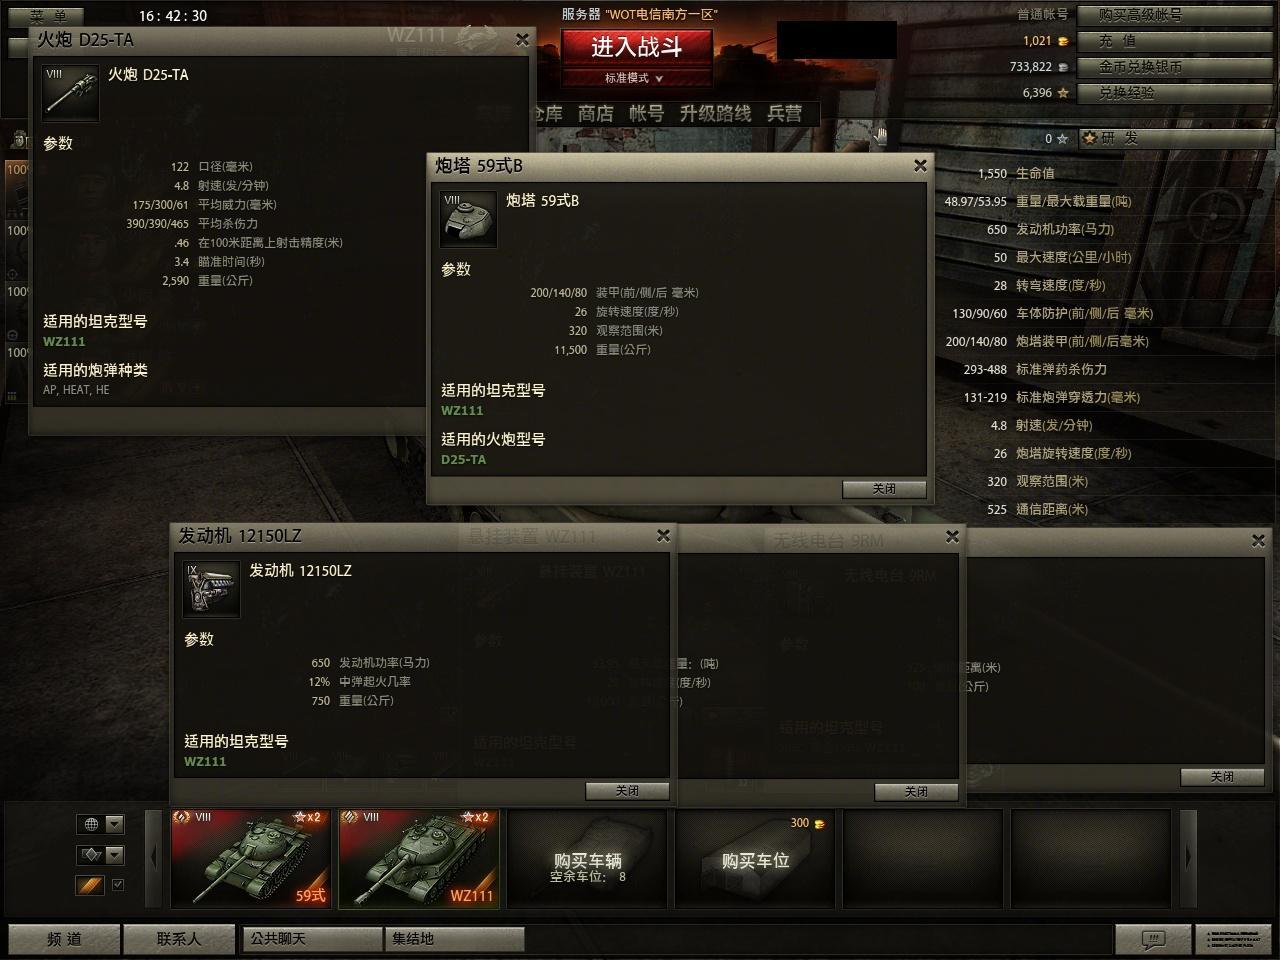 坦克世界WZ111重裝甲與快速突擊駕馭指南